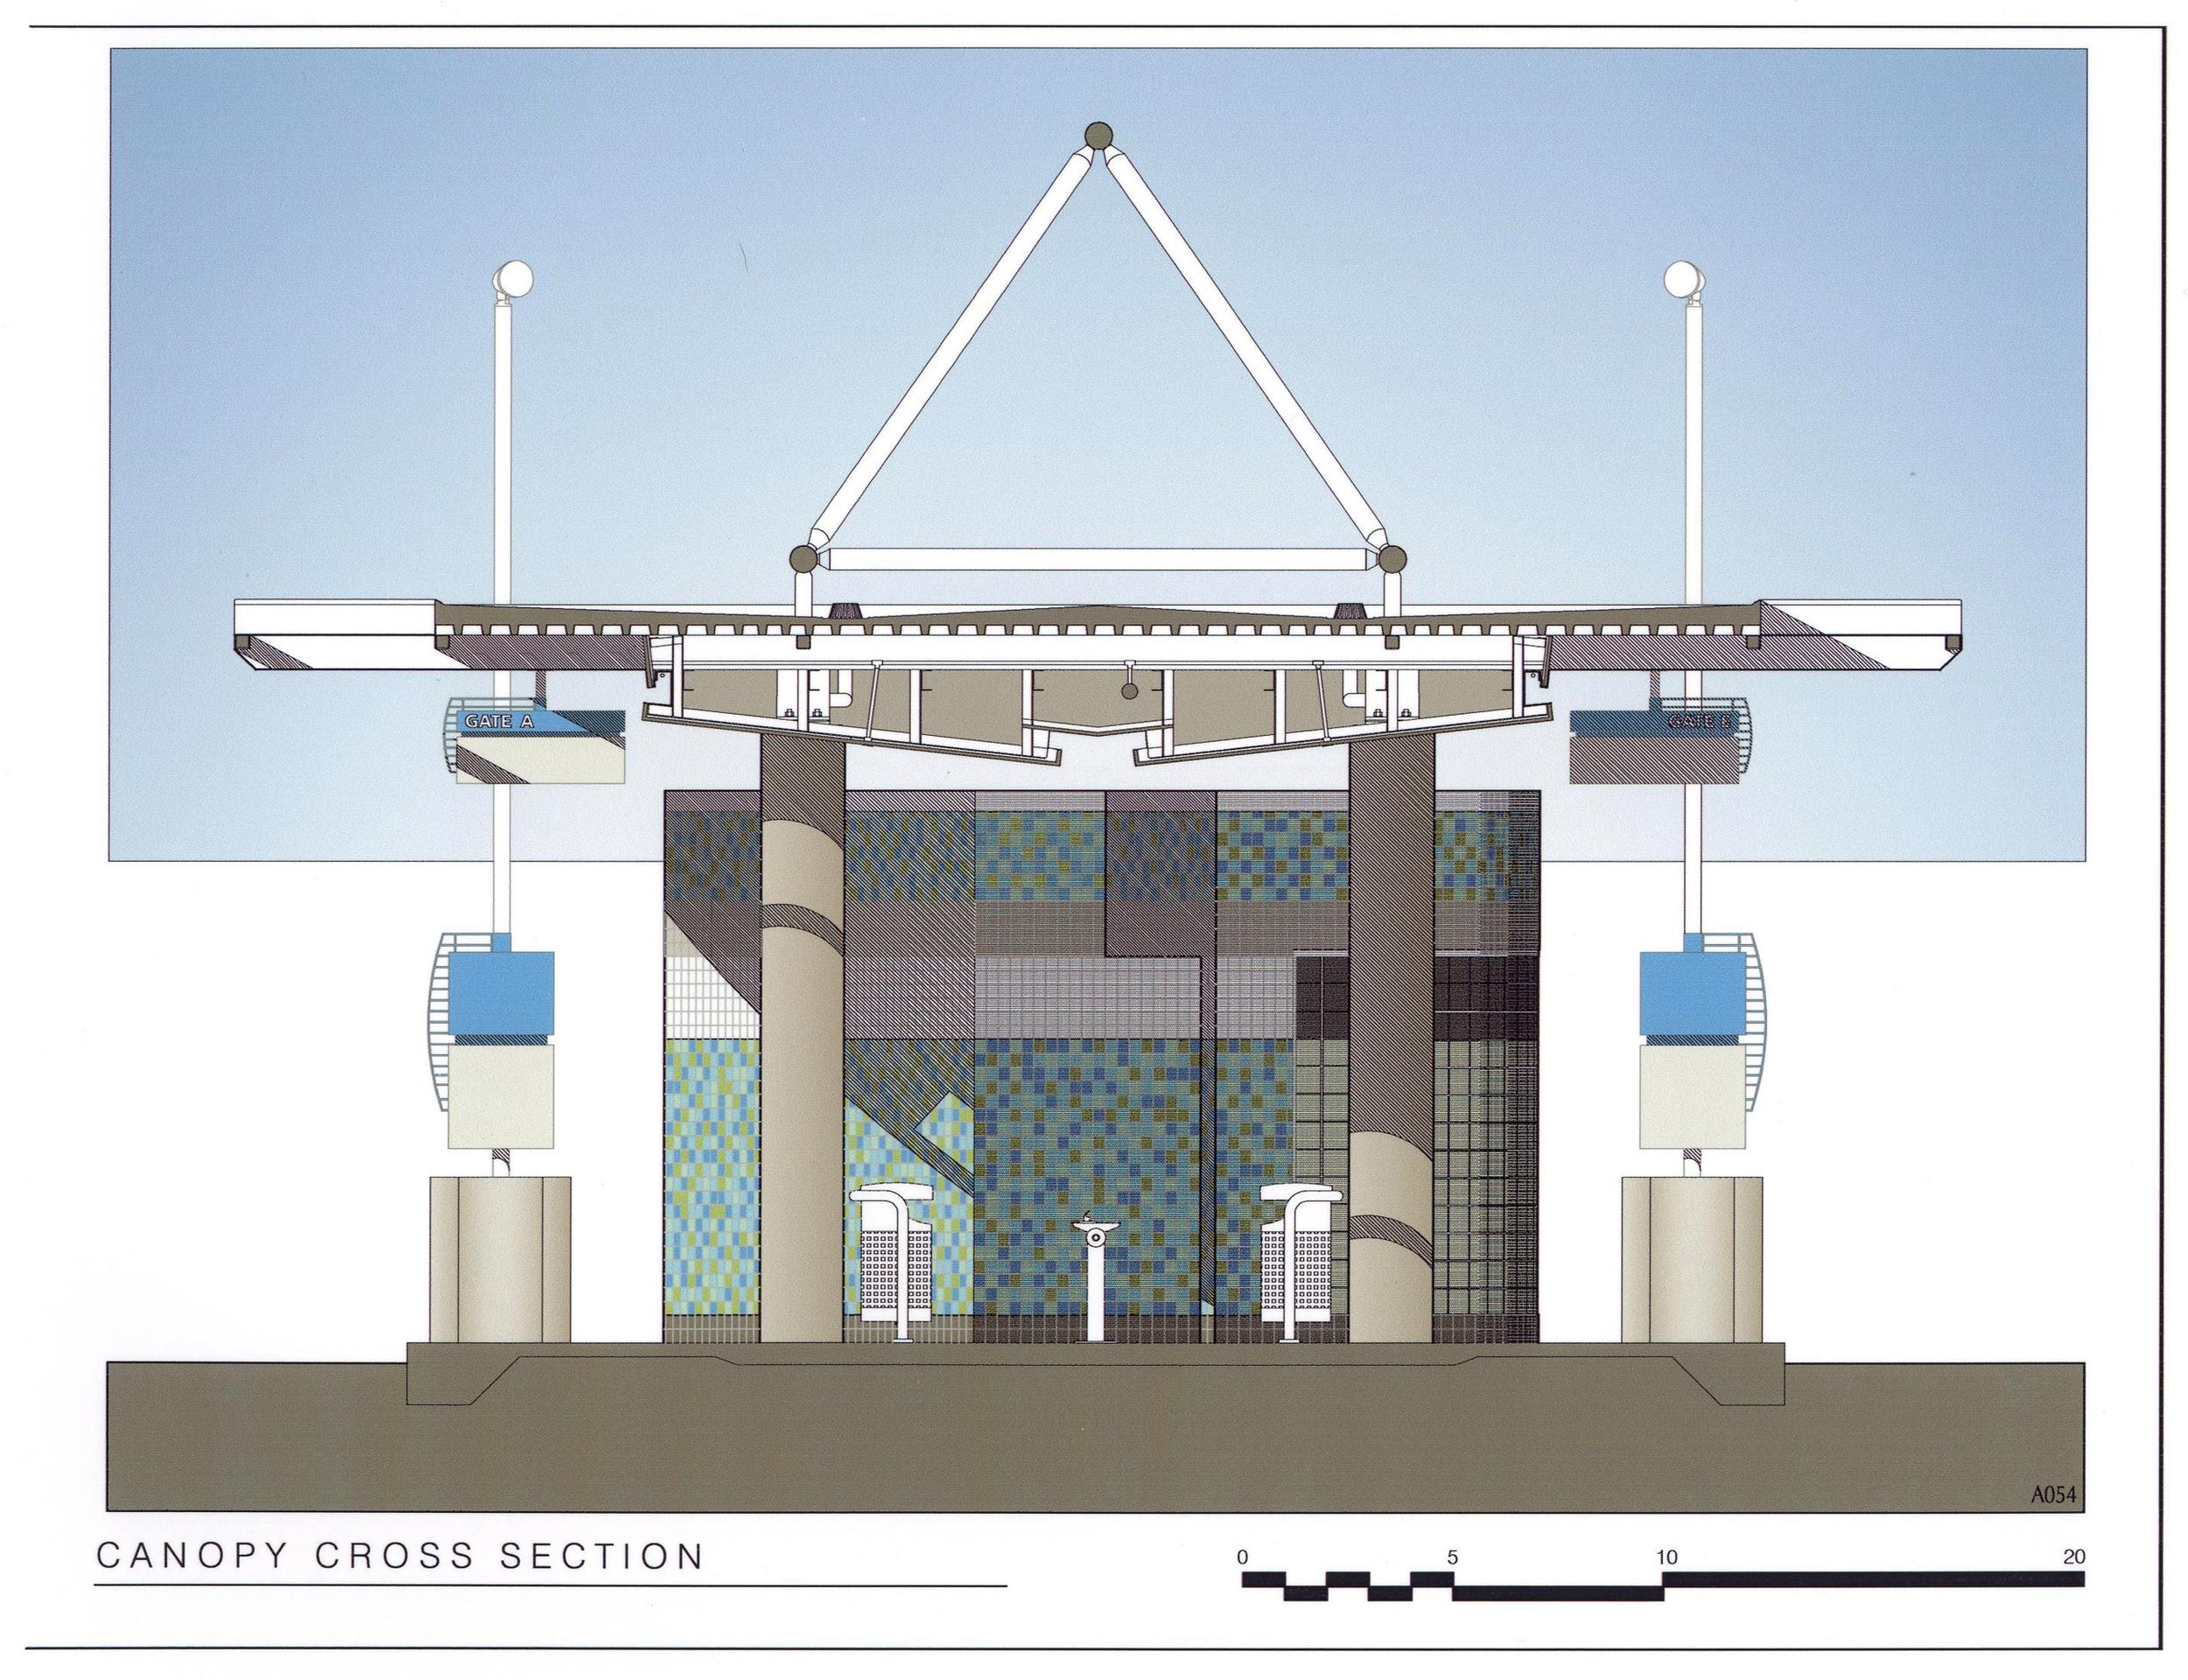 Bus-Station-Cross-Section.jpg